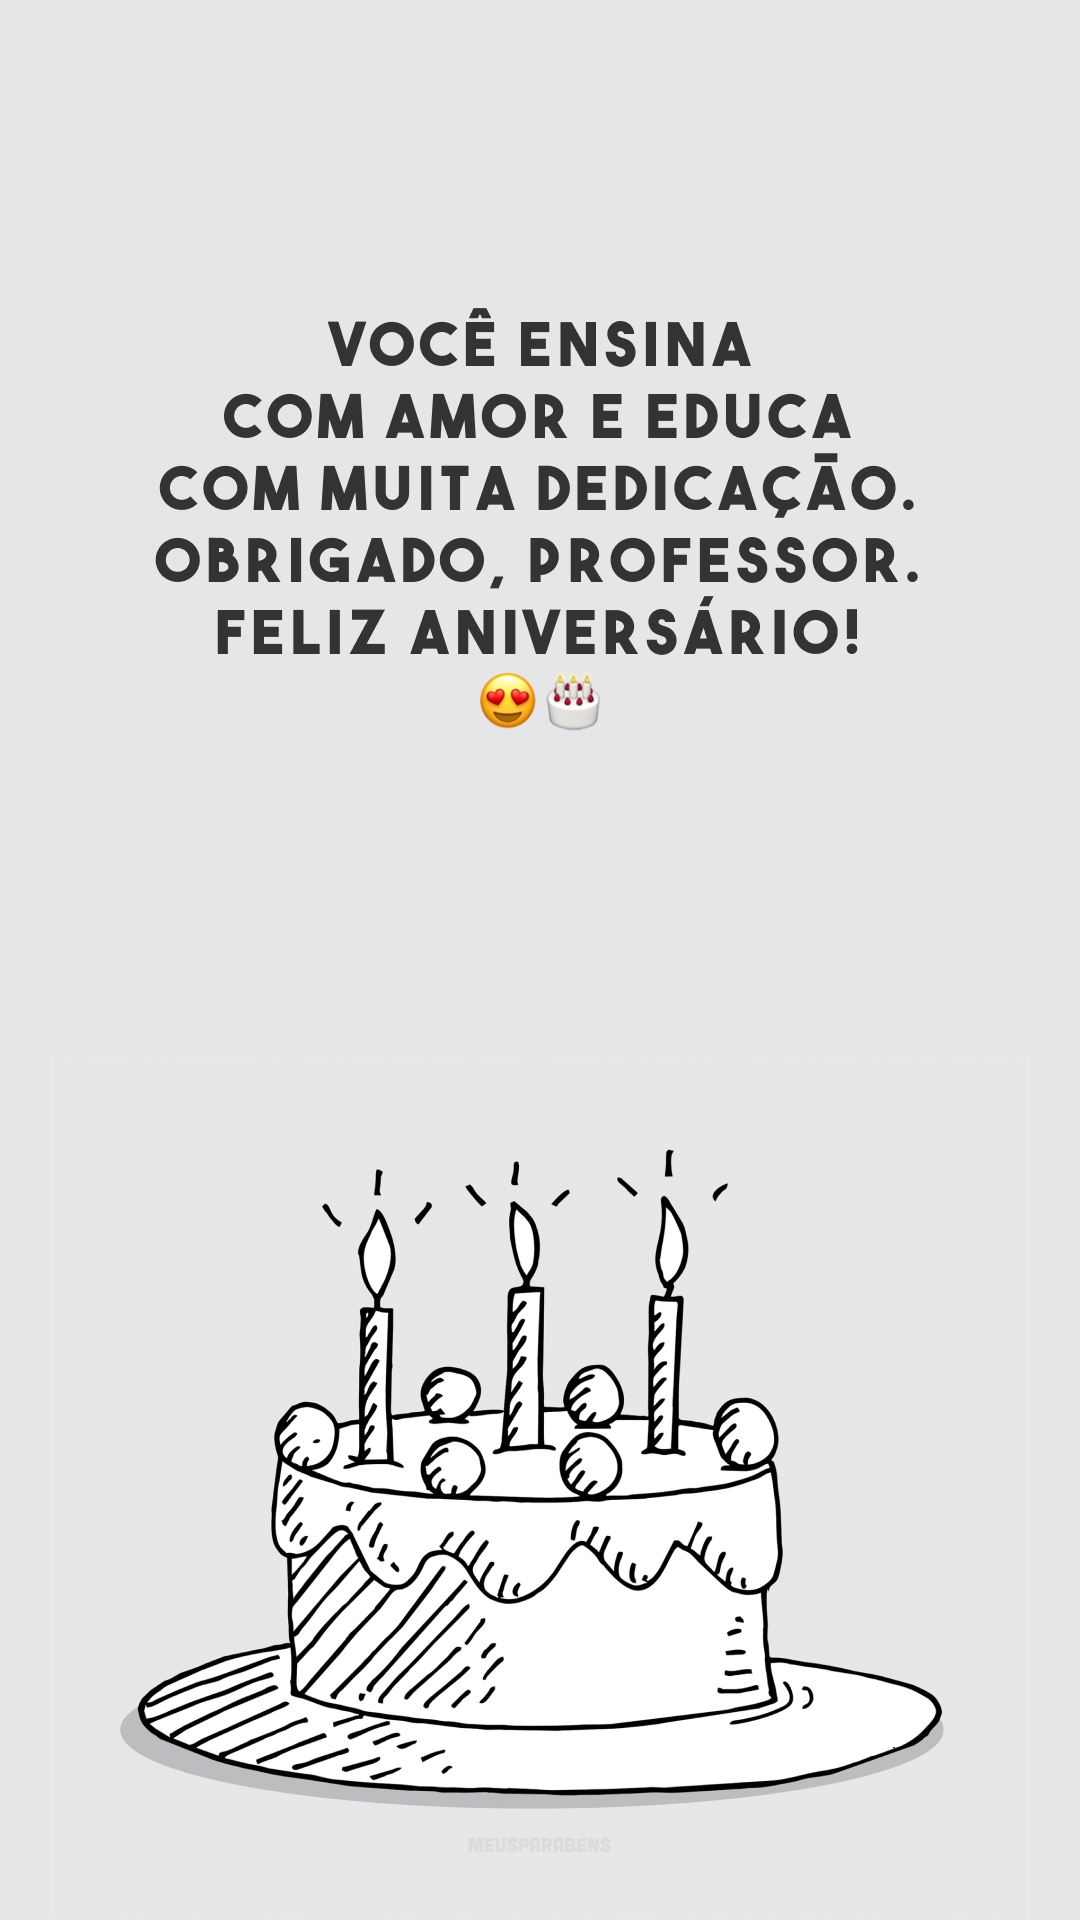 Você ensina com amor e educa com muita dedicação. Obrigado, professor. Feliz aniversário! 😍🎂